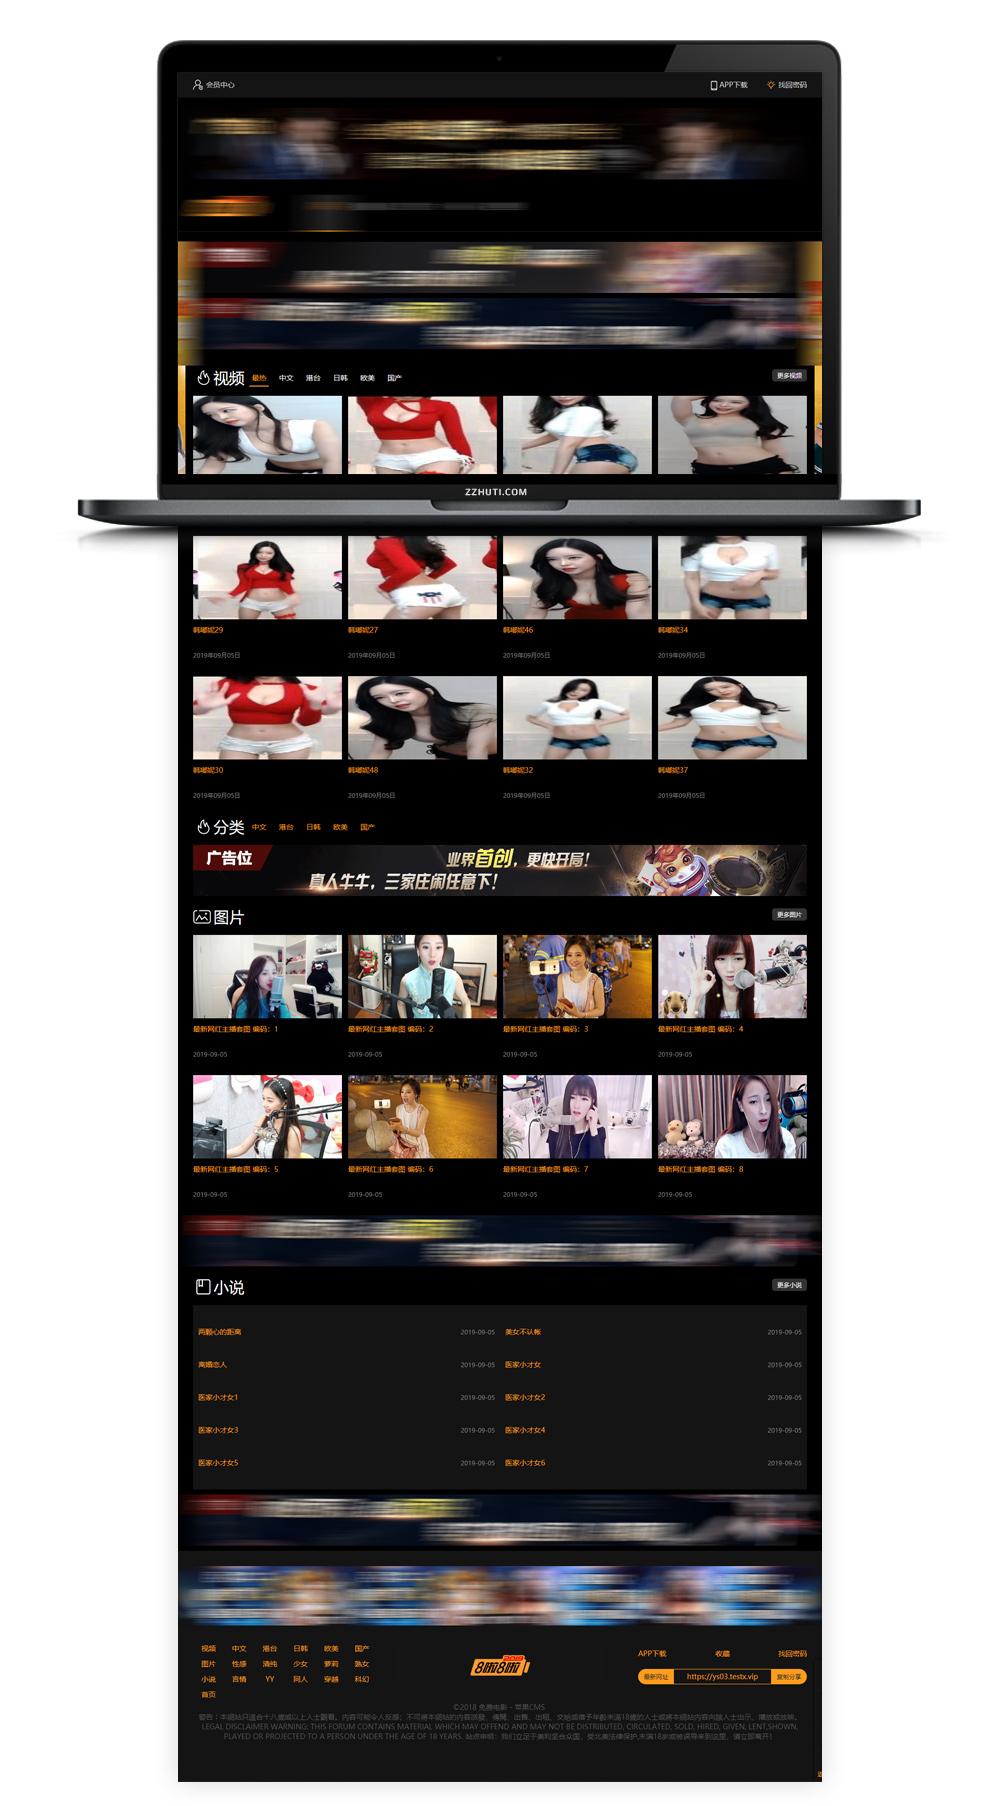 【苹果CMS模板】2020.06更新黑色小说短视频图片分享CMS系统网站源码自适应手机端-找主题源码